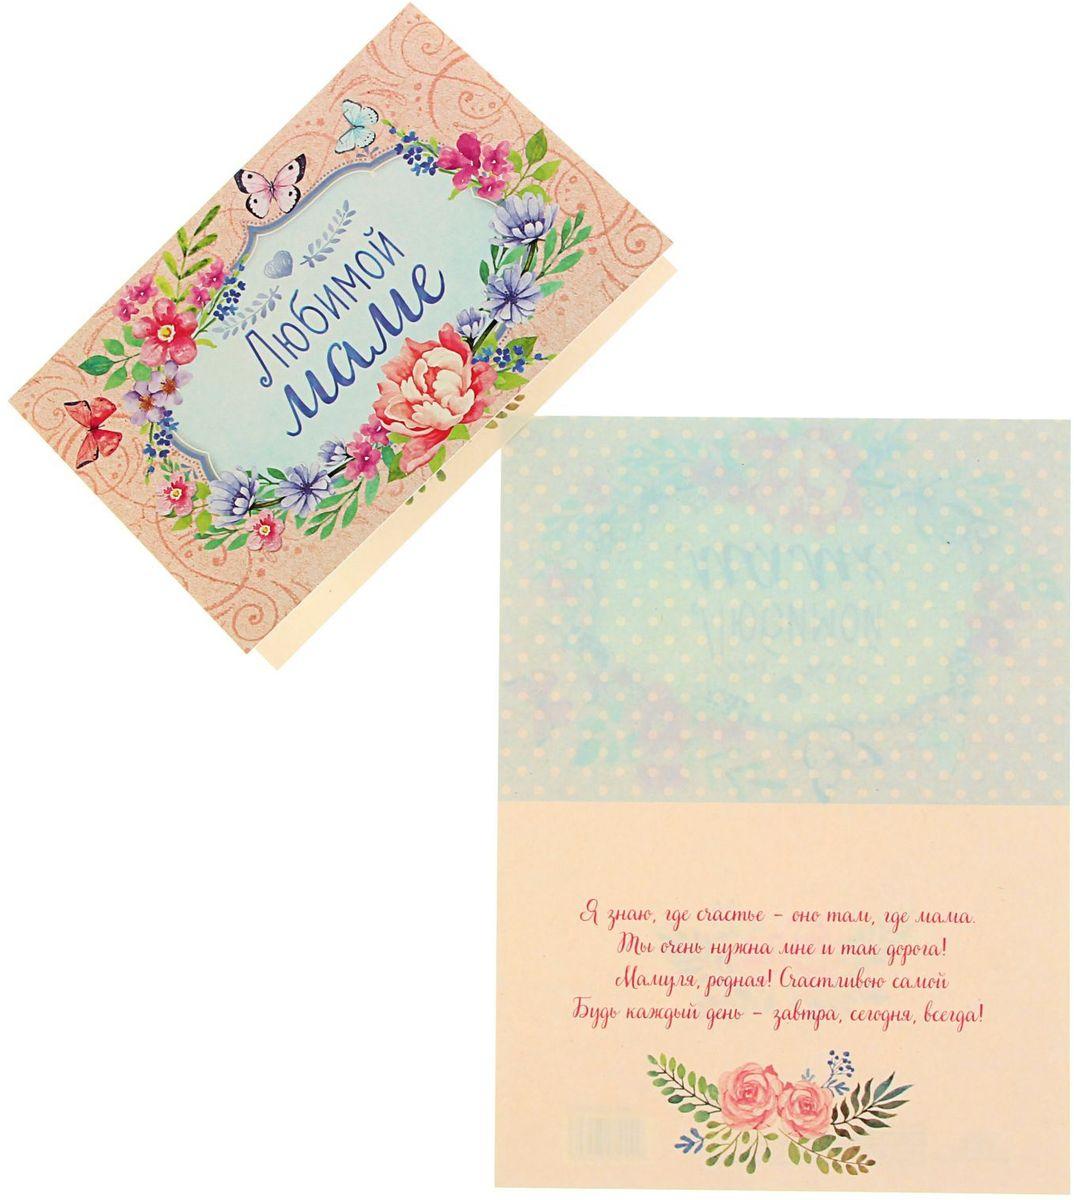 Открытка Дарите cчастье Любимой маме1259430Атмосферу праздника создают детали: свечи, цветы, бокалы, воздушные шары и поздравительные открытки - яркие и весёлые, романтичные и нежные, милые и трогательные.Расскажите о своих чувствах дорогому для вас человеку, поделитесь радостью с близкими и друзьями. Открытка с креативным дизайном вам в этом поможет.